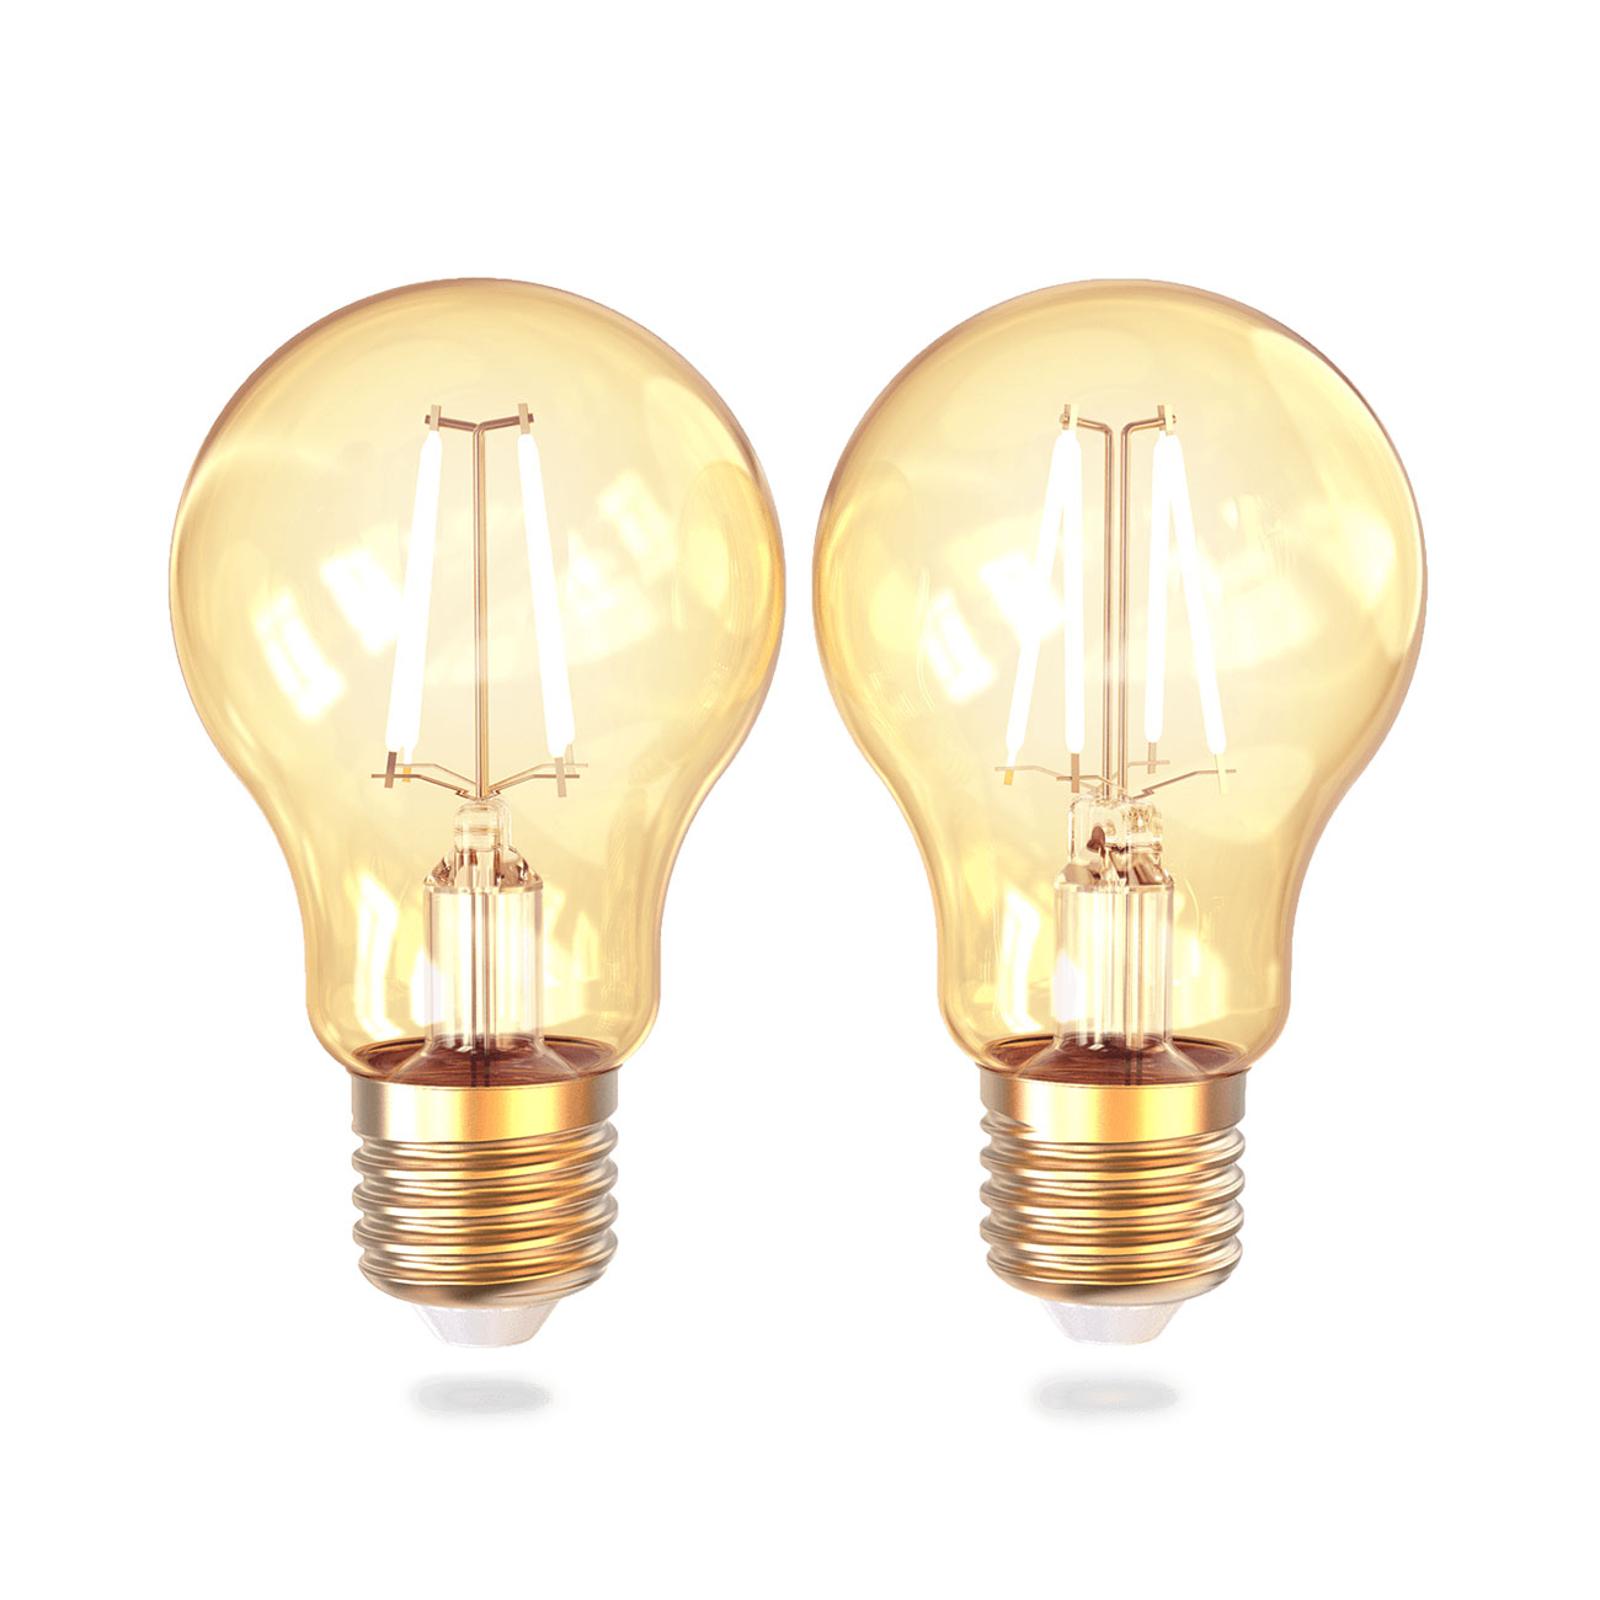 Innr LED-pære WiFi Bulb E27 4,5W 822 350lm 2pk